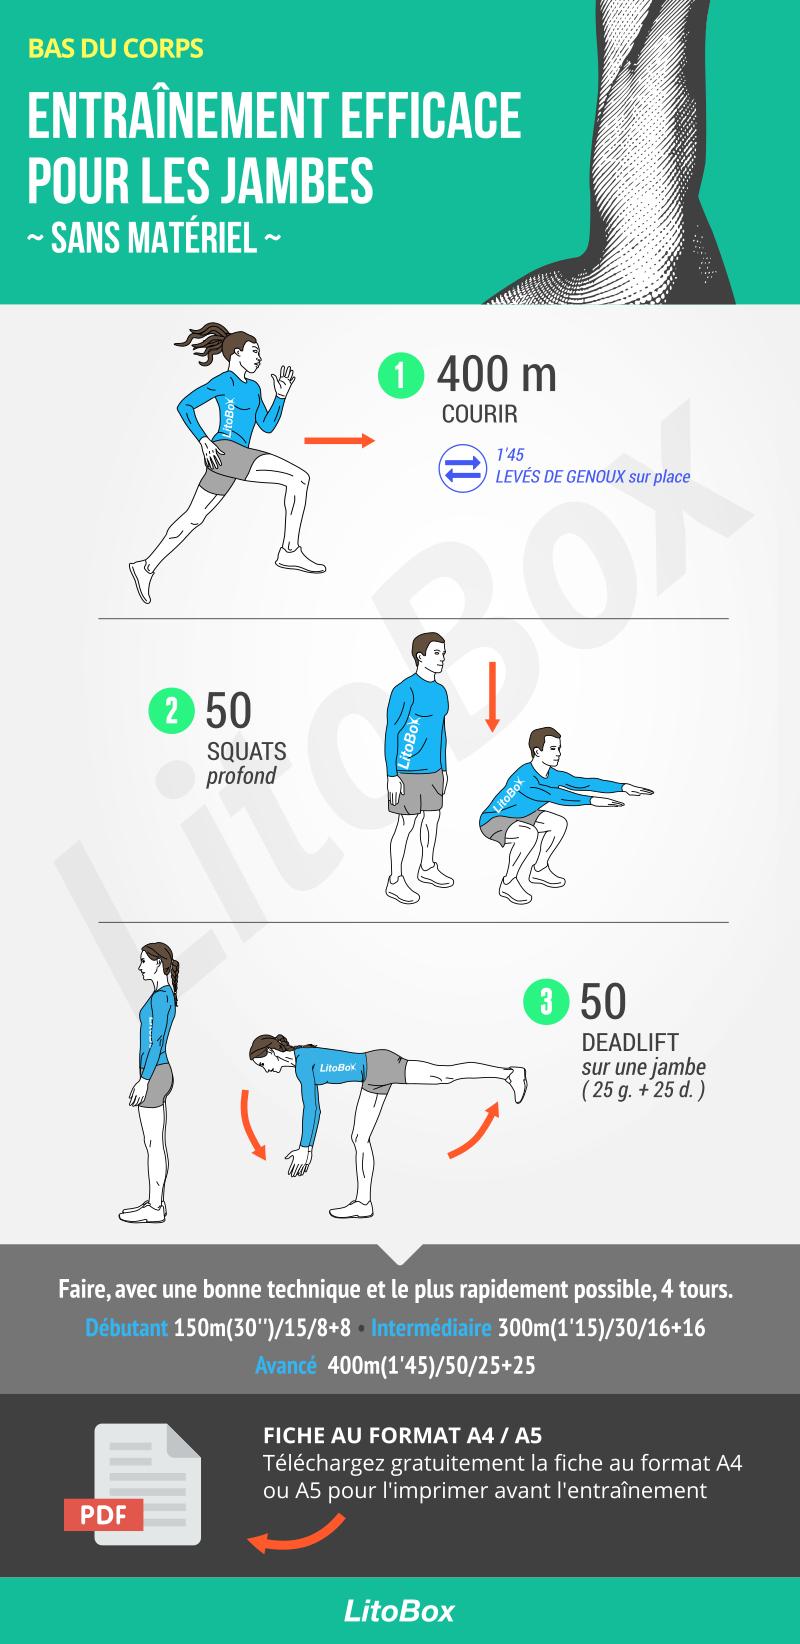 Programme Rapide Et Intense Pour Les Jambes Compose De 3 Exercices Au Poids Du Corps Exercice Exercices Bas Du Corps Musculation Jambes